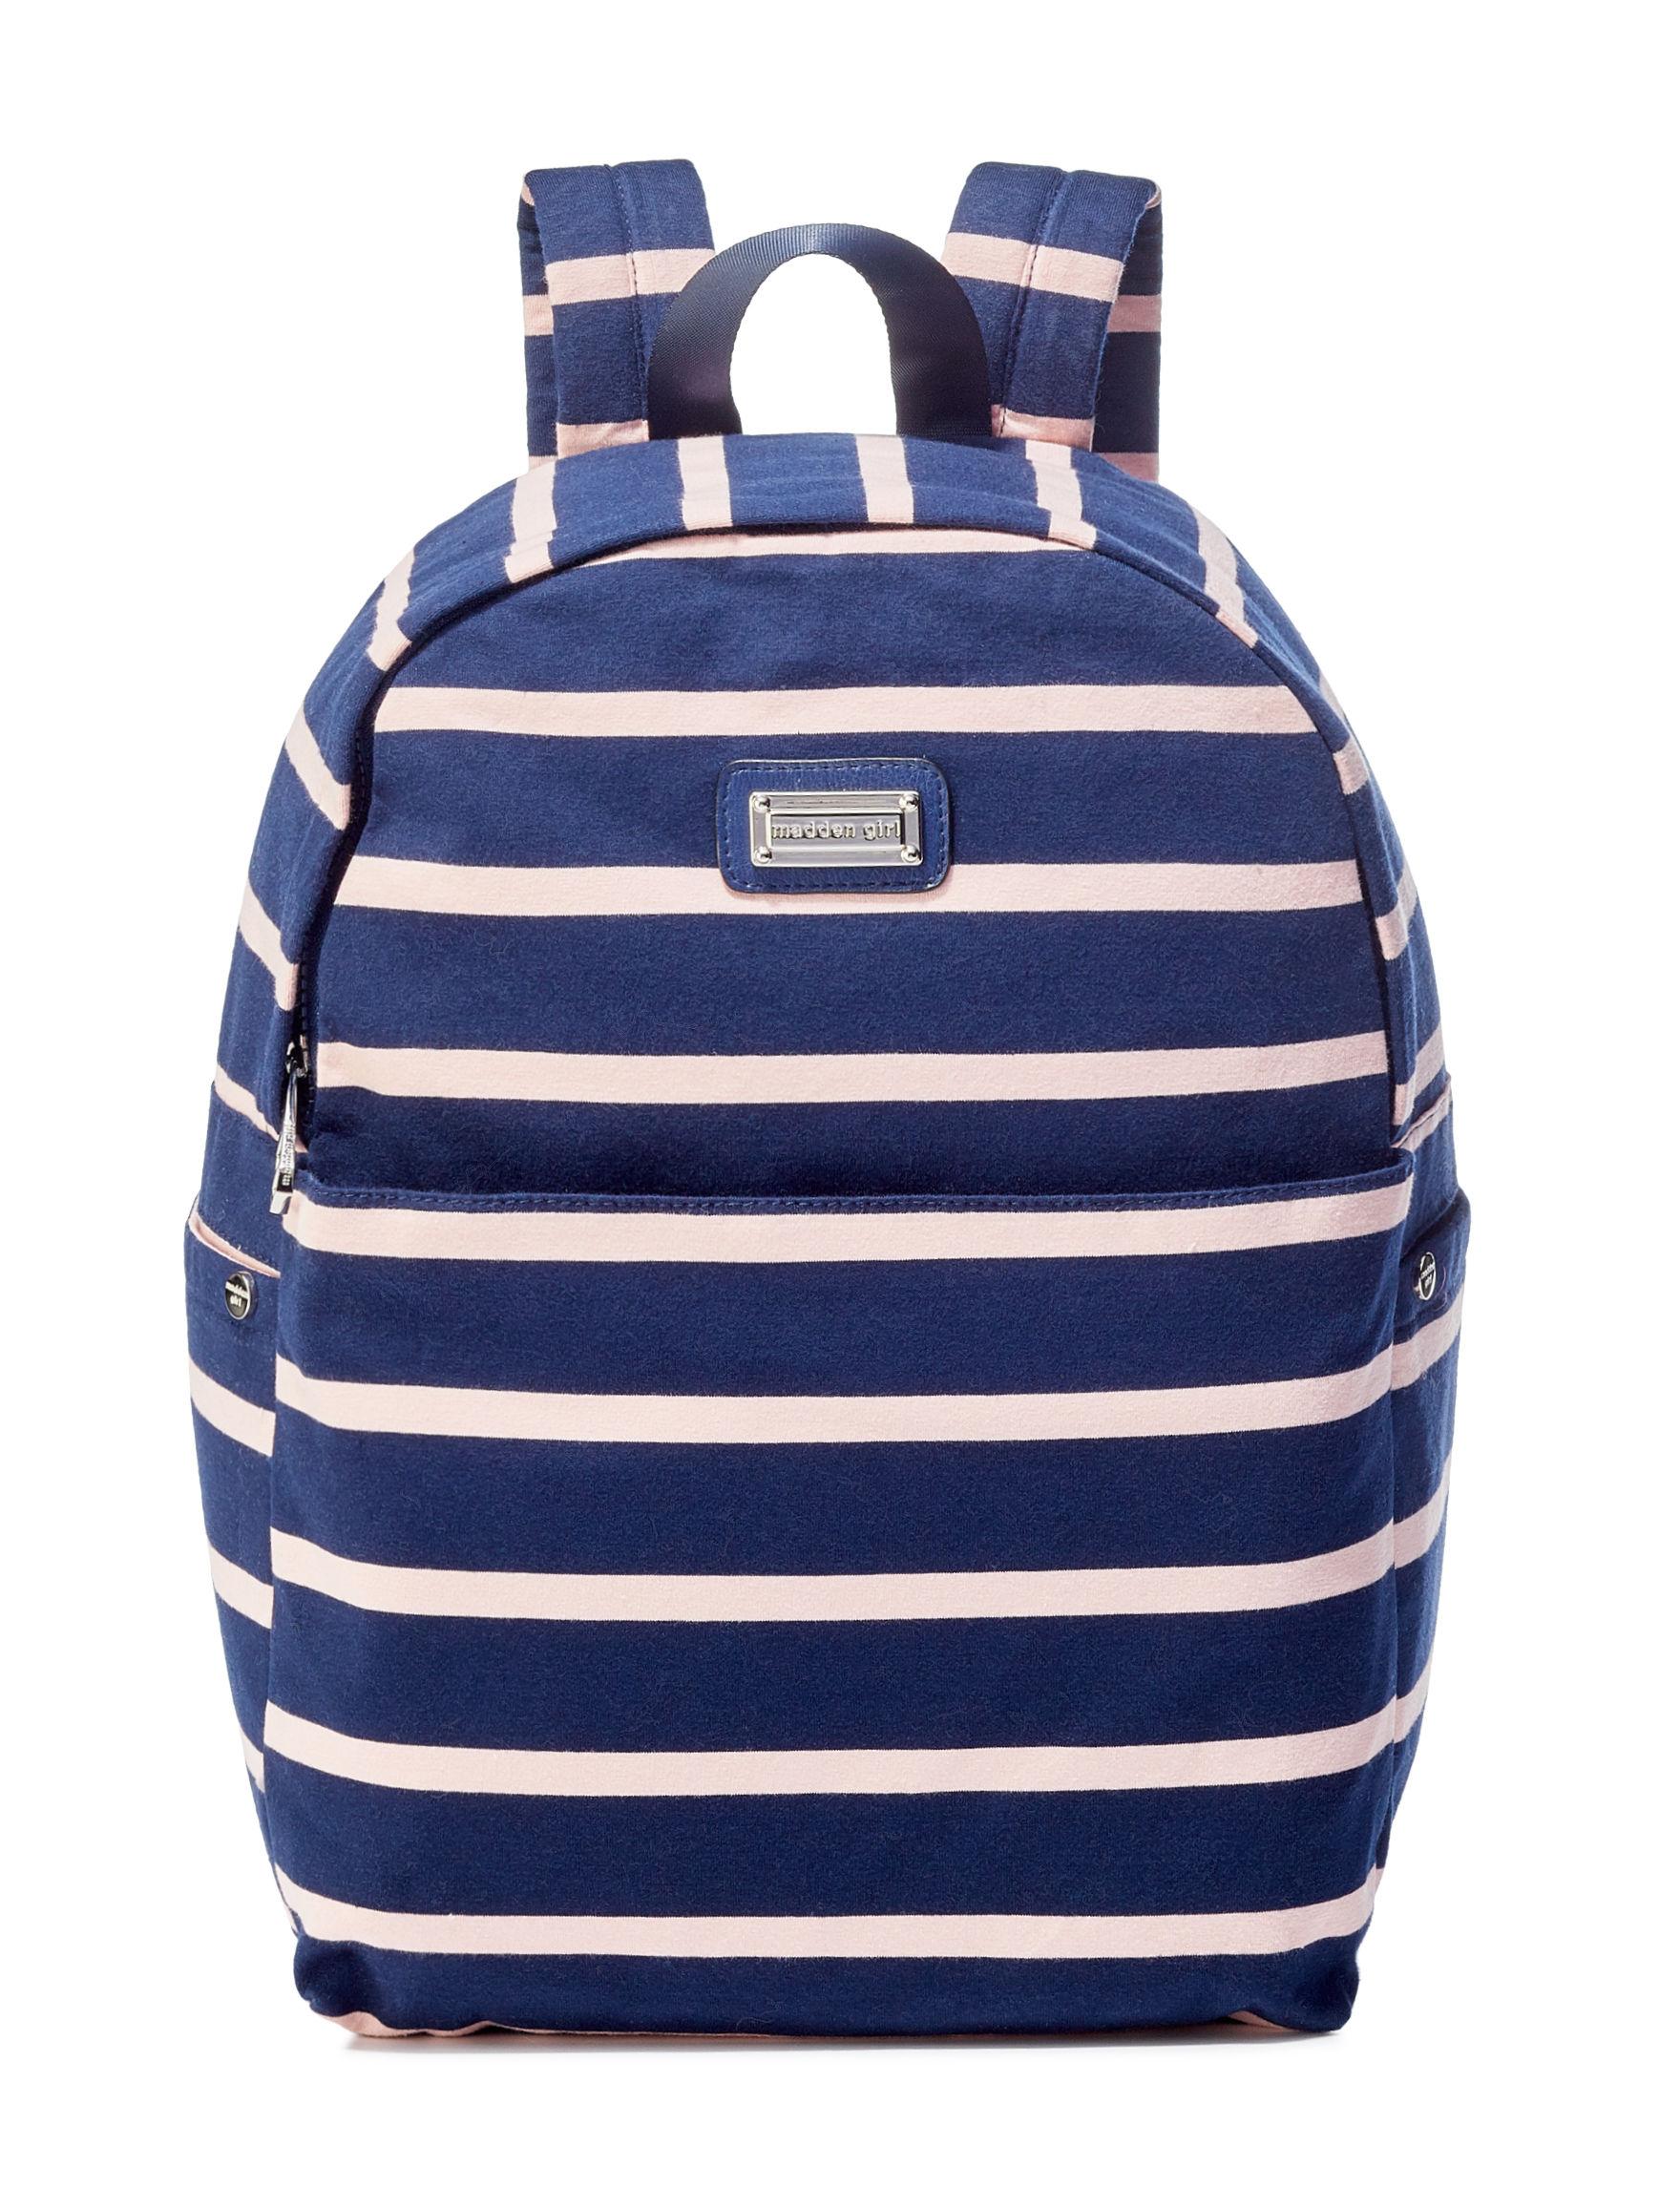 Madden Girl Navy / Multi Bookbags & Backpacks